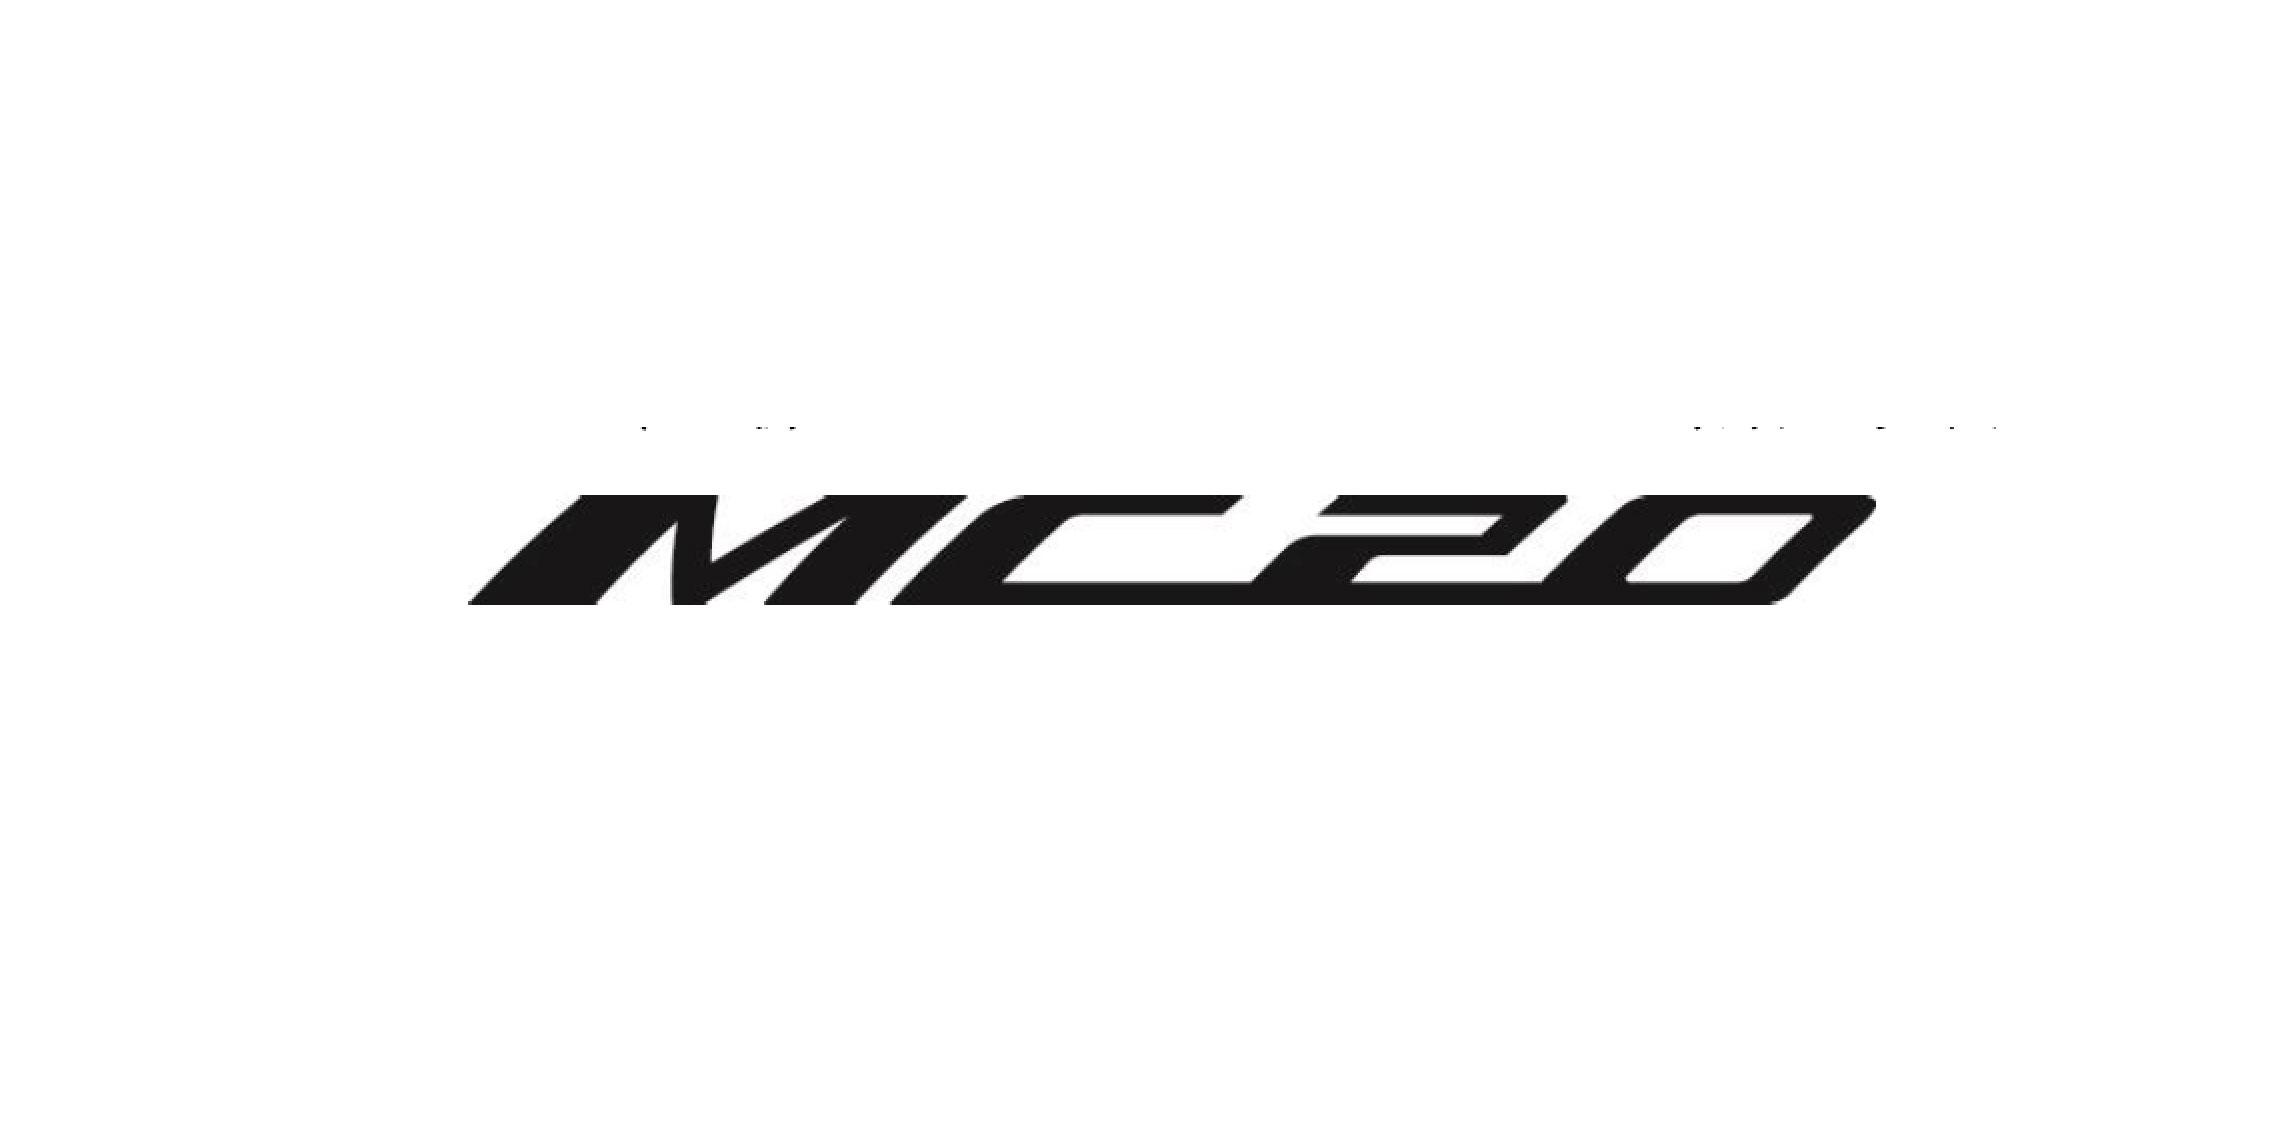 マセラティ、2020年5月末に発表の新型スーパースポーツを「MC20」と命名【動画】